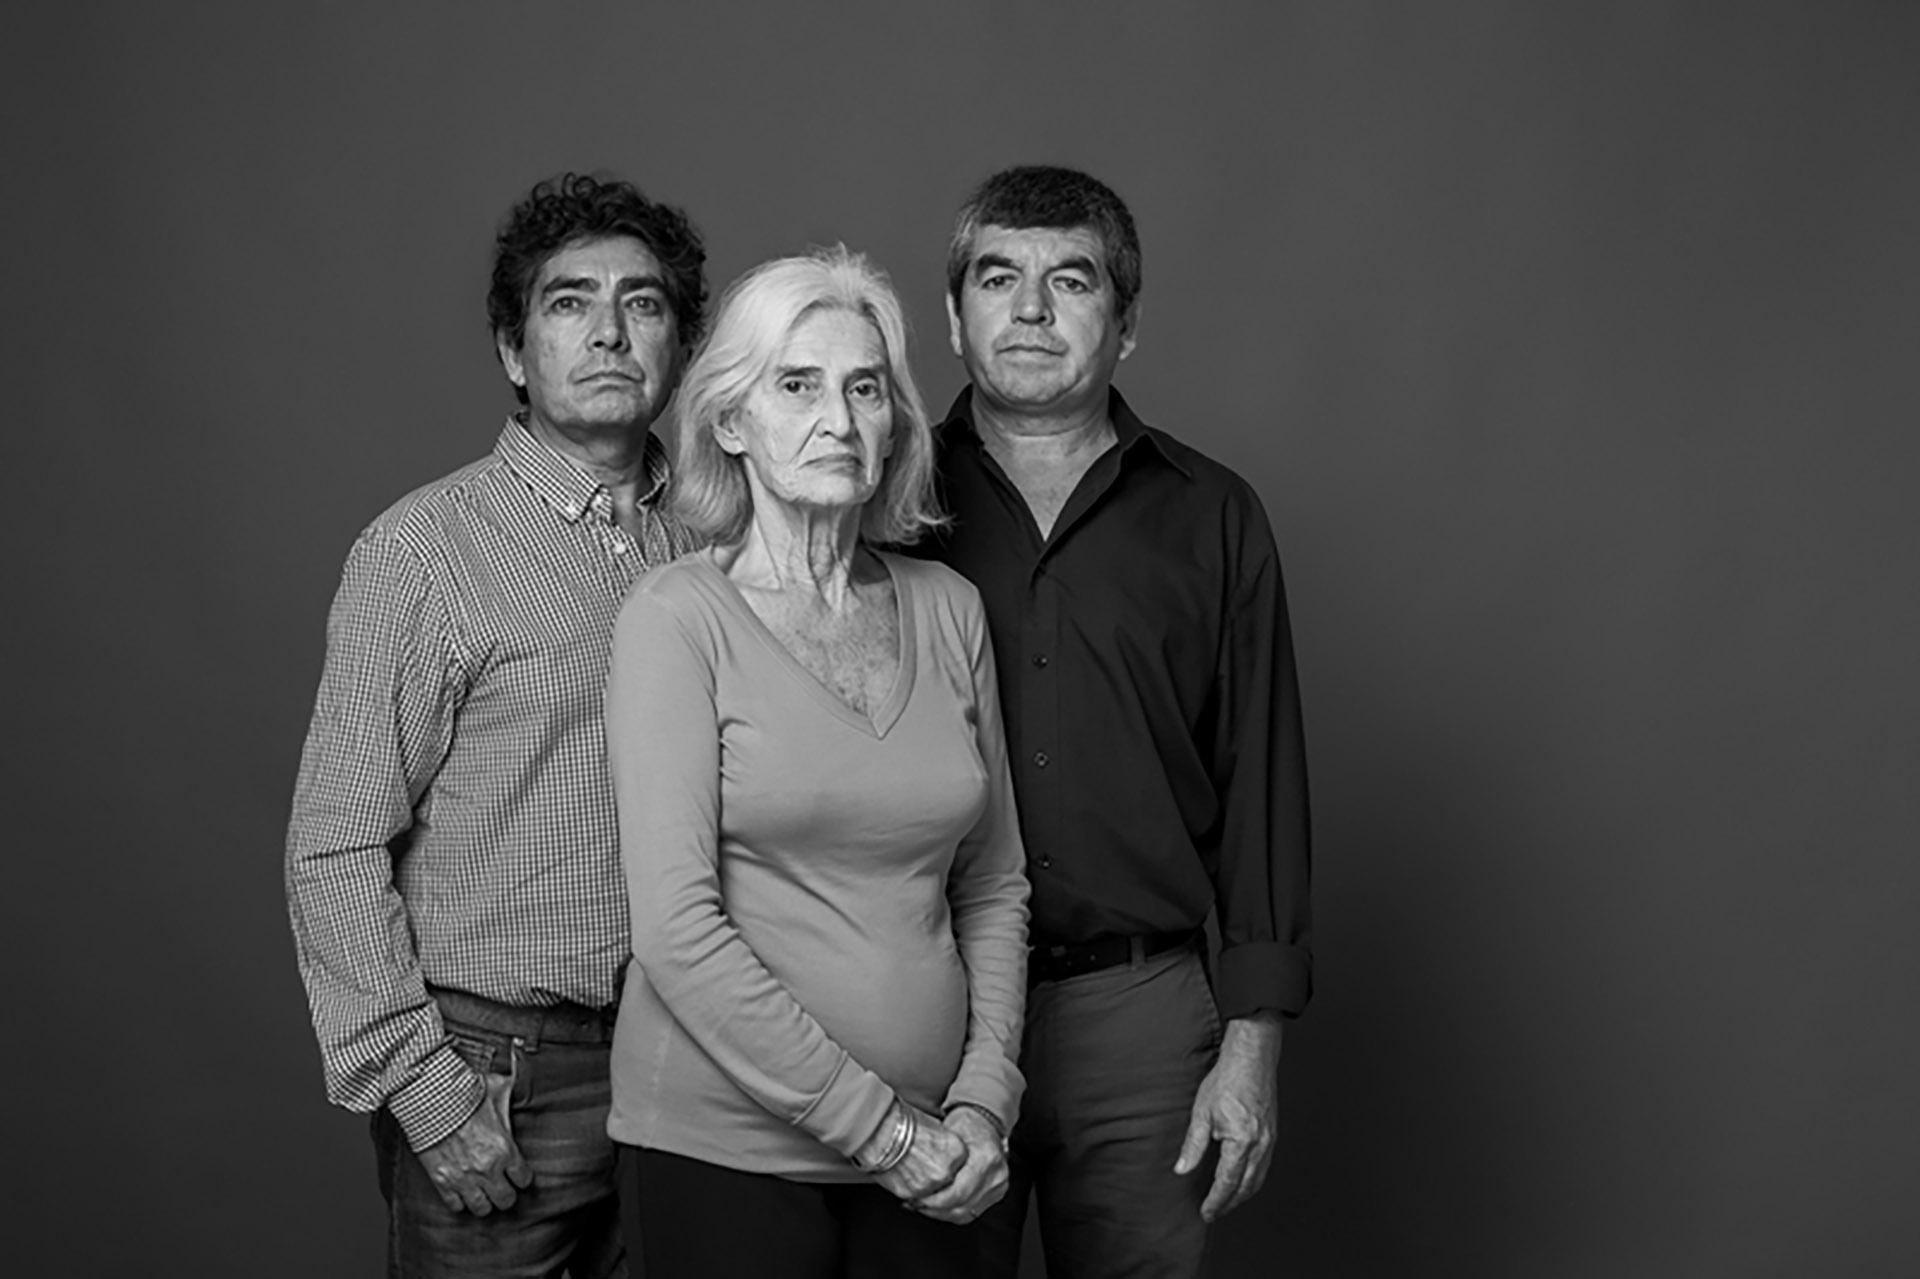 Ana María Czyzewski y Gustavo y Ángel Antúnez. Ana María es la mamá de Paola Czyzewski, que tenía 21 años cuando murió en el atentado a la AMIA. Estaba en uno de los ascensores del edificio: bajaba a buscar un café que le traía Jorge Antúnez, de 18 años, que trabajaba de mozo en el bar de la esquina. Gustavo y Ángel son sus tíos, la única familia que tenía en Buenos Aires